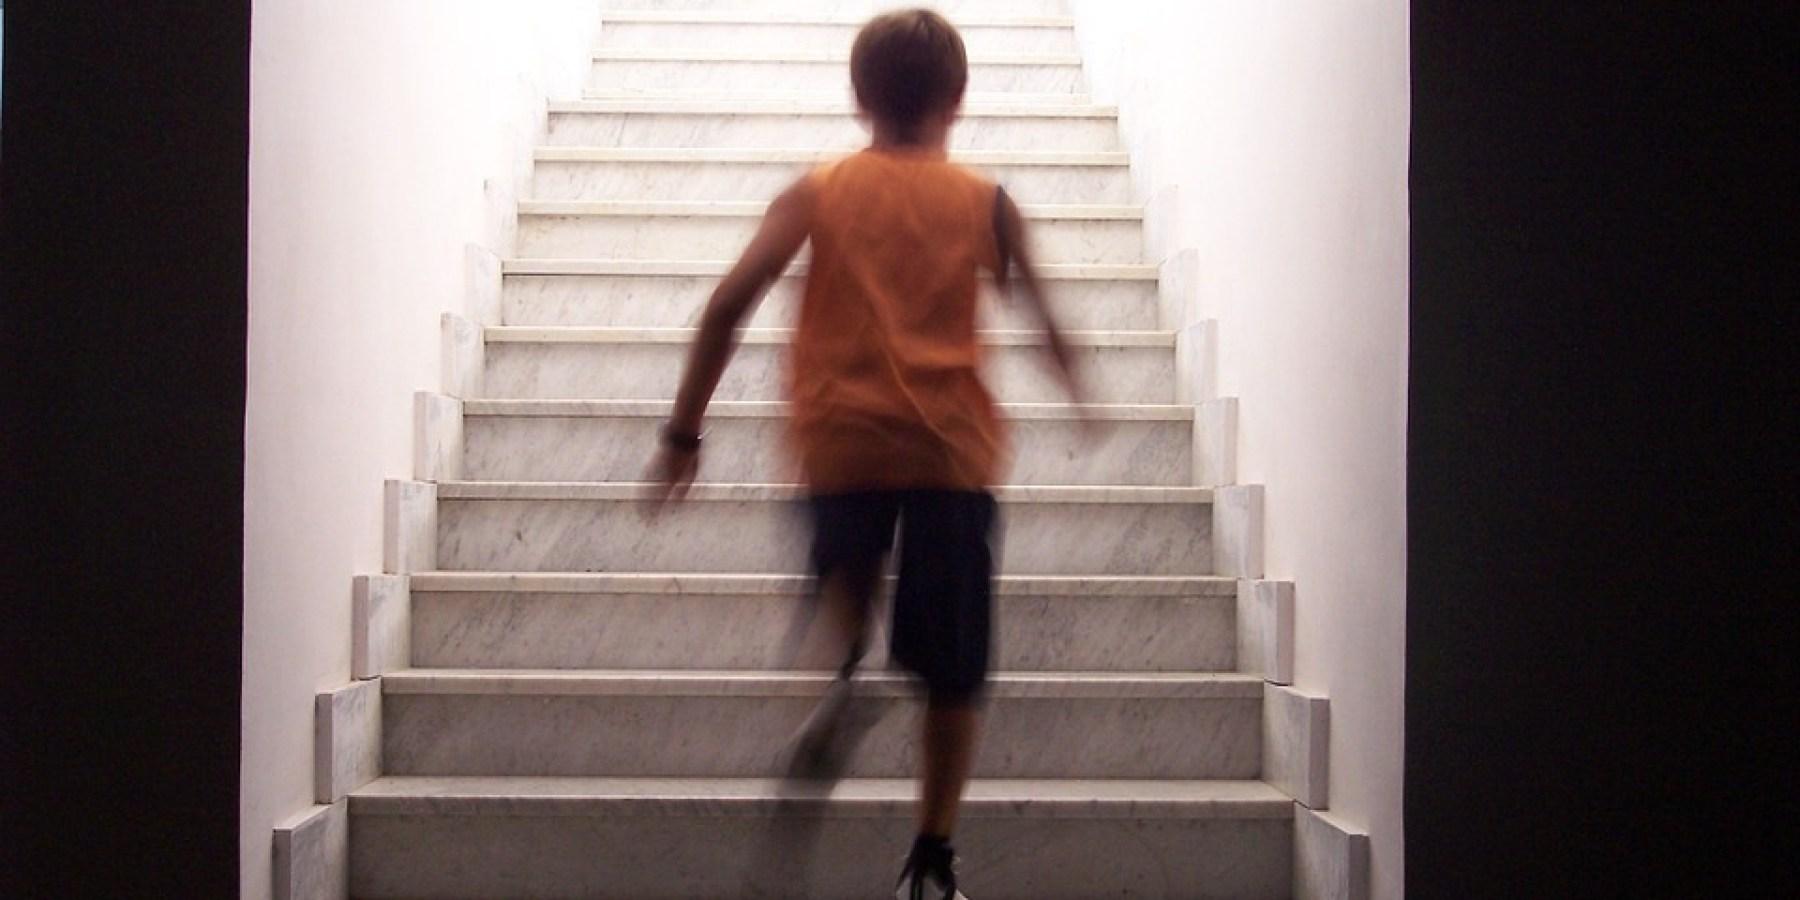 Venen durch Laufen und Treppensteigen fit halten